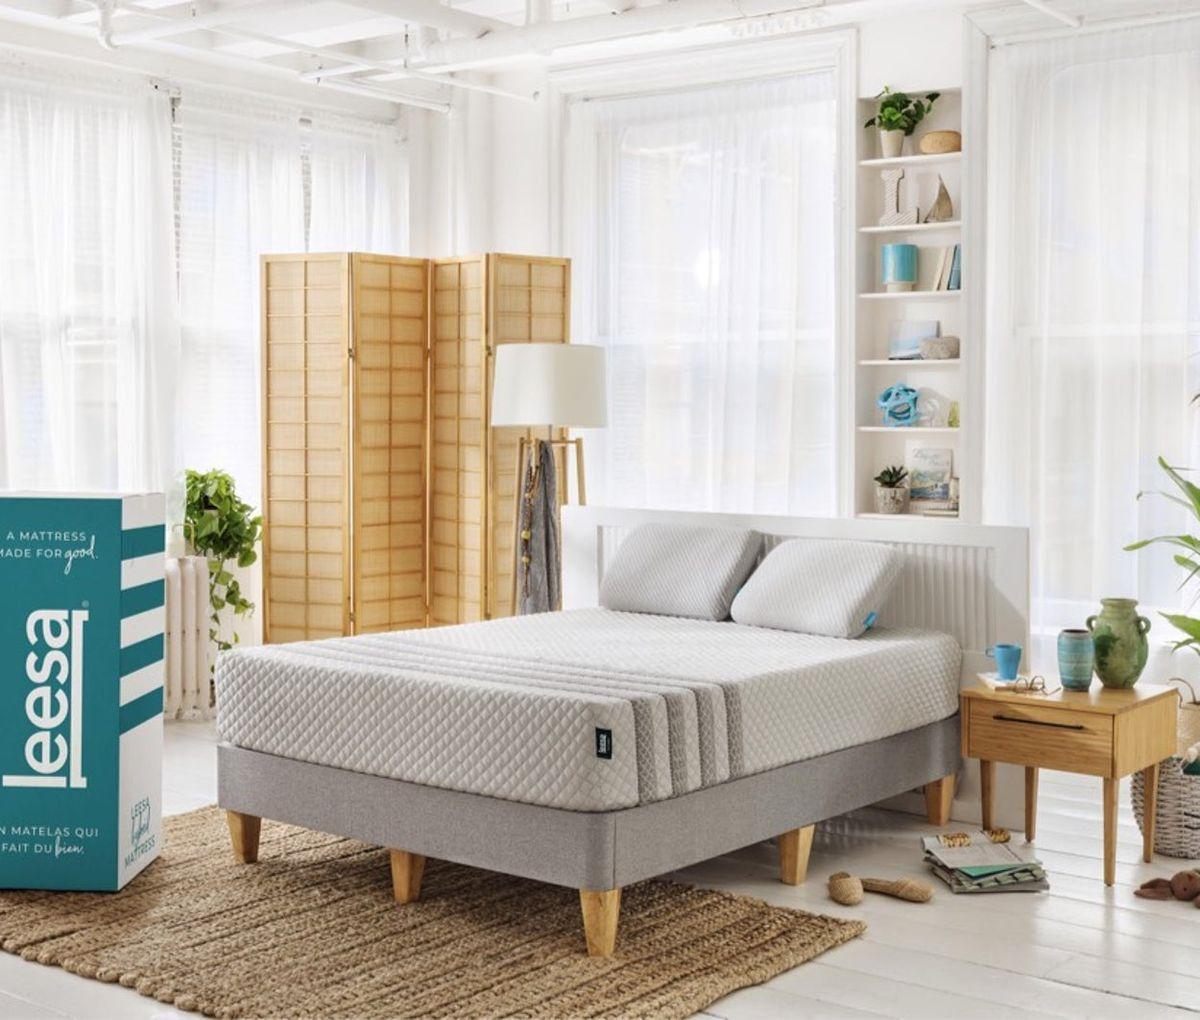 Today's best mattress deals